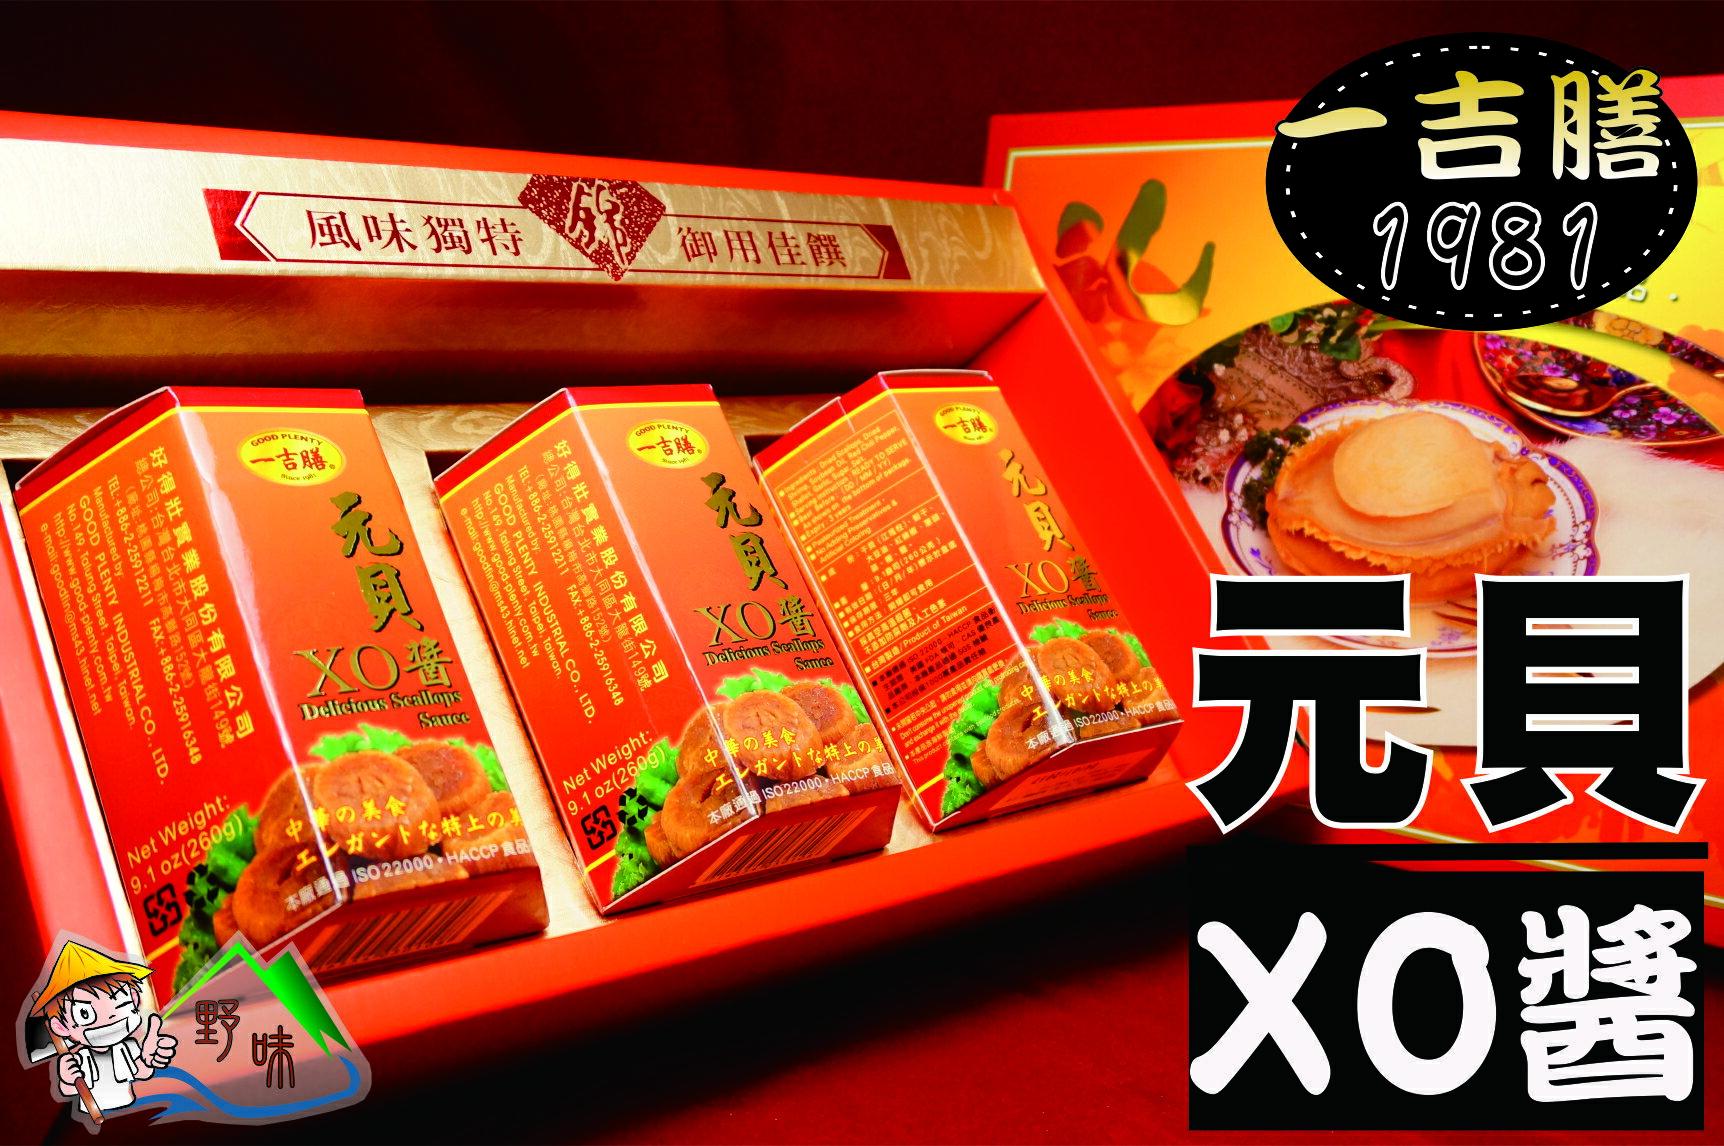 【野味食品】三寶好禮37(一吉膳元貝XO醬,干貝醬)(一盒3罐)(附贈年節禮盒、禮袋)(春節禮盒,傳統禮盒,年貨禮盒)(伴手禮)